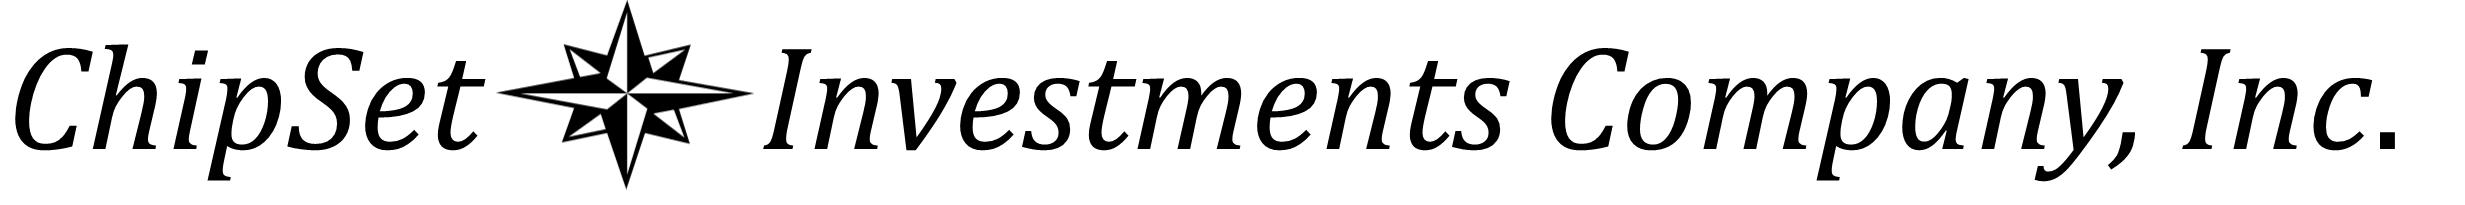 chipset-logo